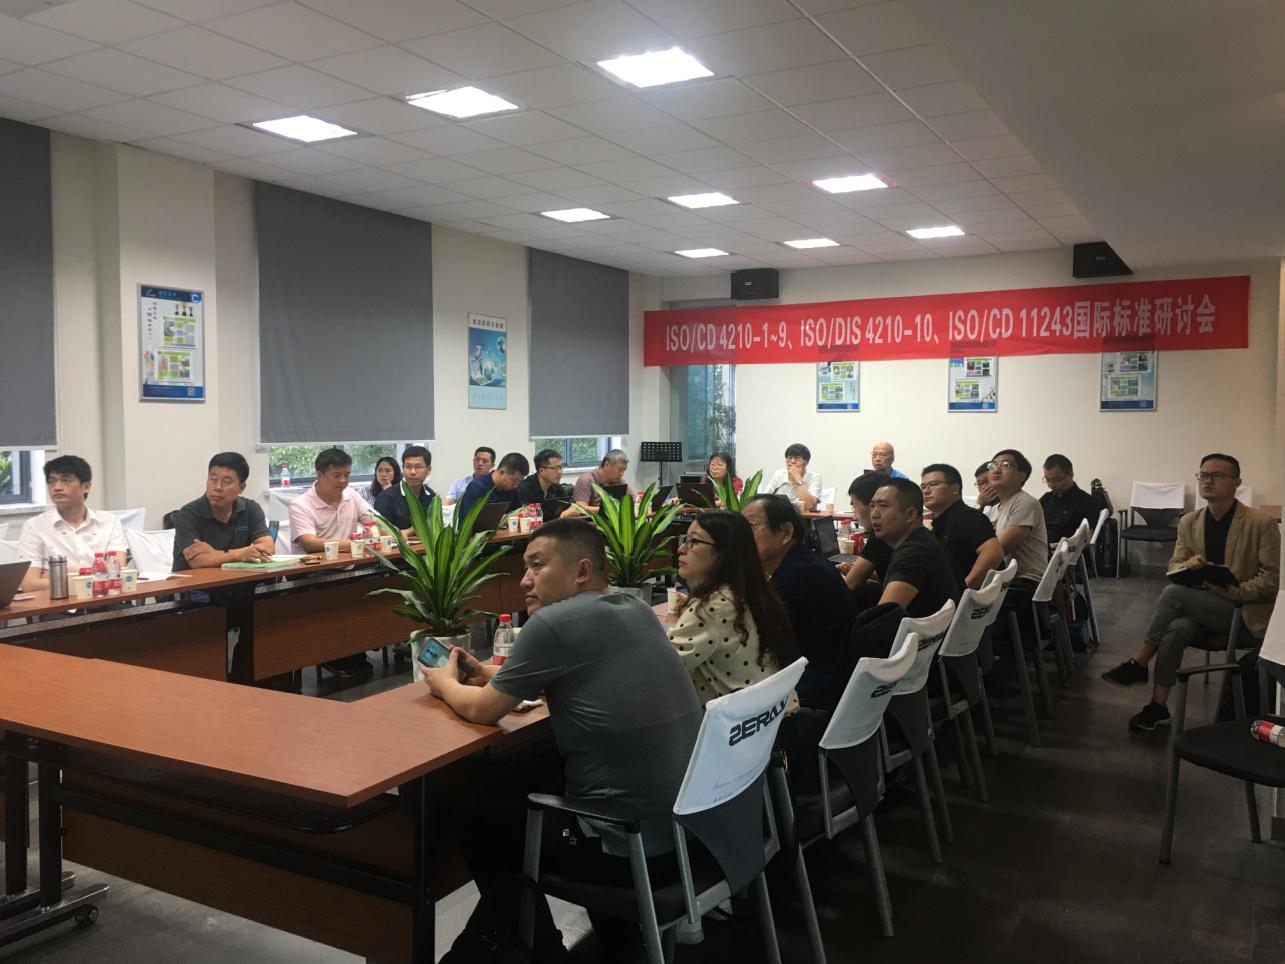 ISO 4210等国际标准研讨会在宁波召开